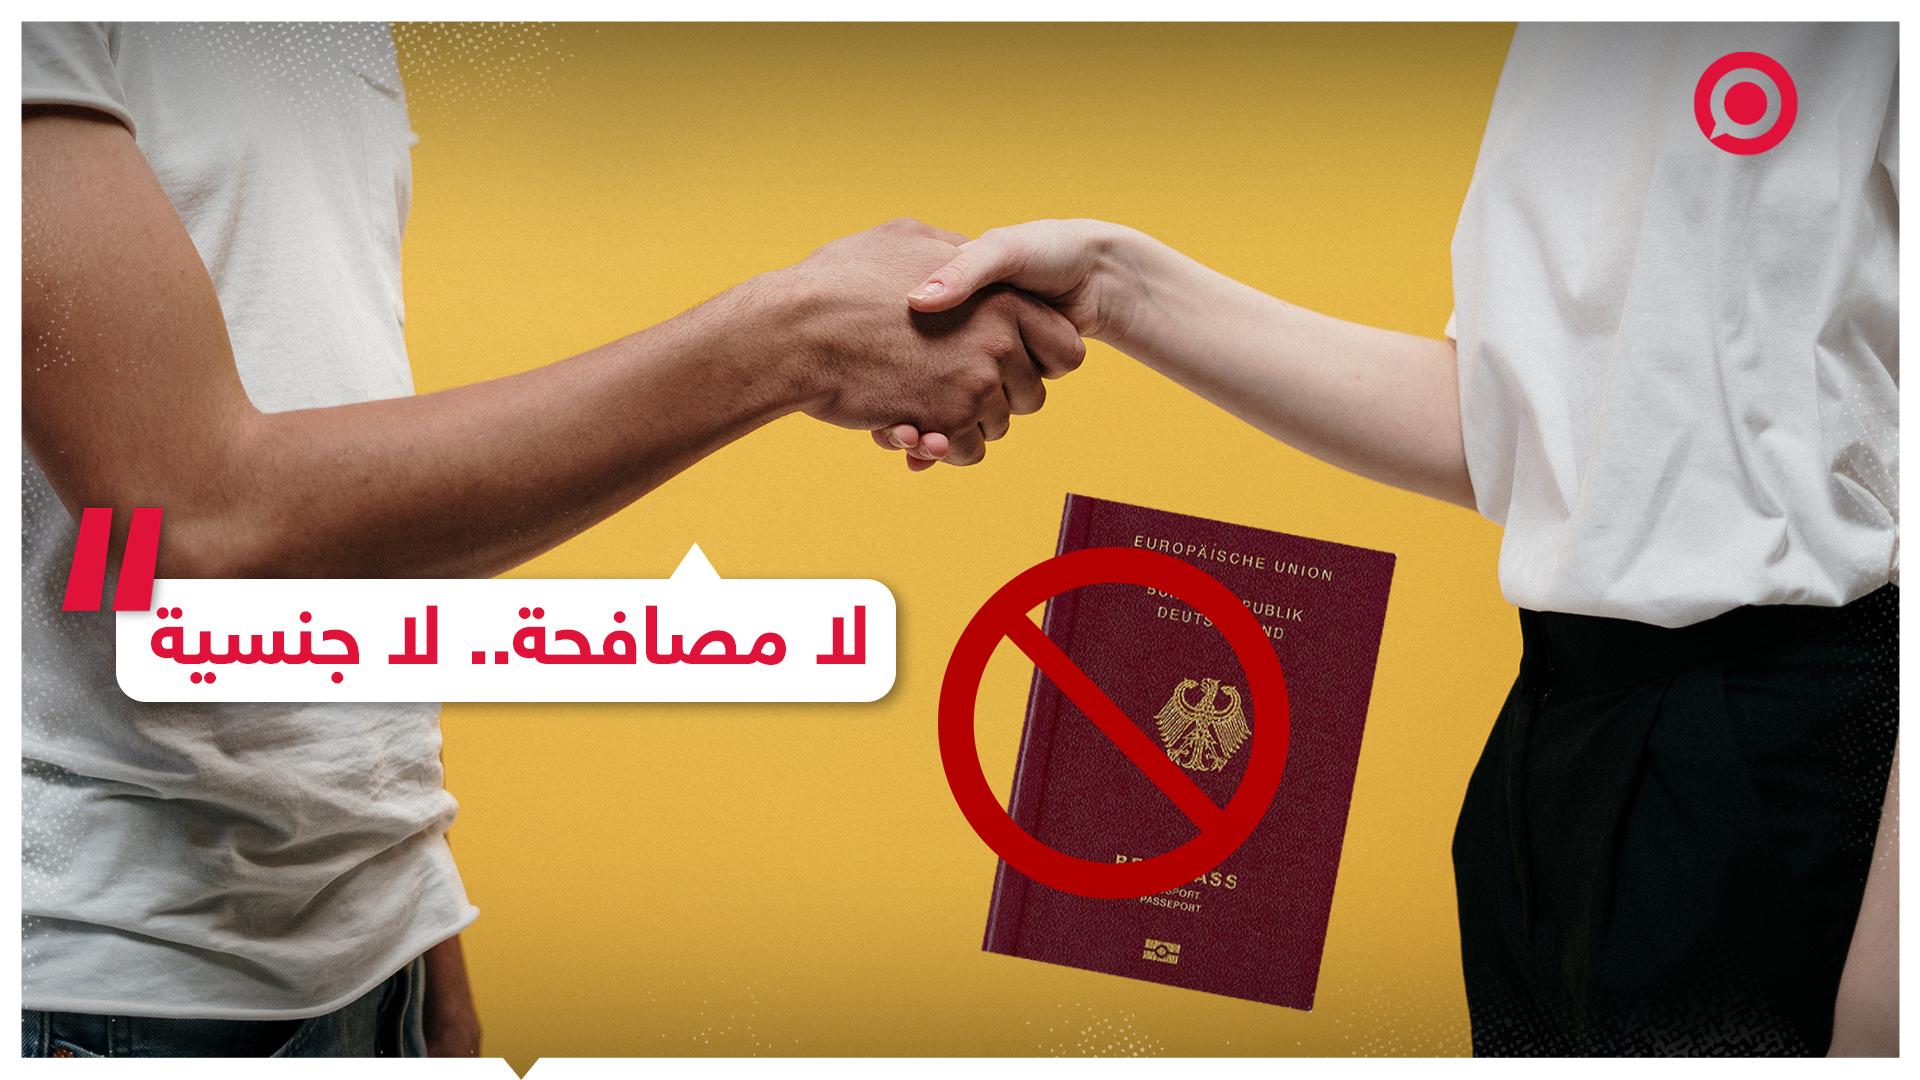 السلطات الألمانية تحرم طبيبا لبنانيا من الجنسية بسبب